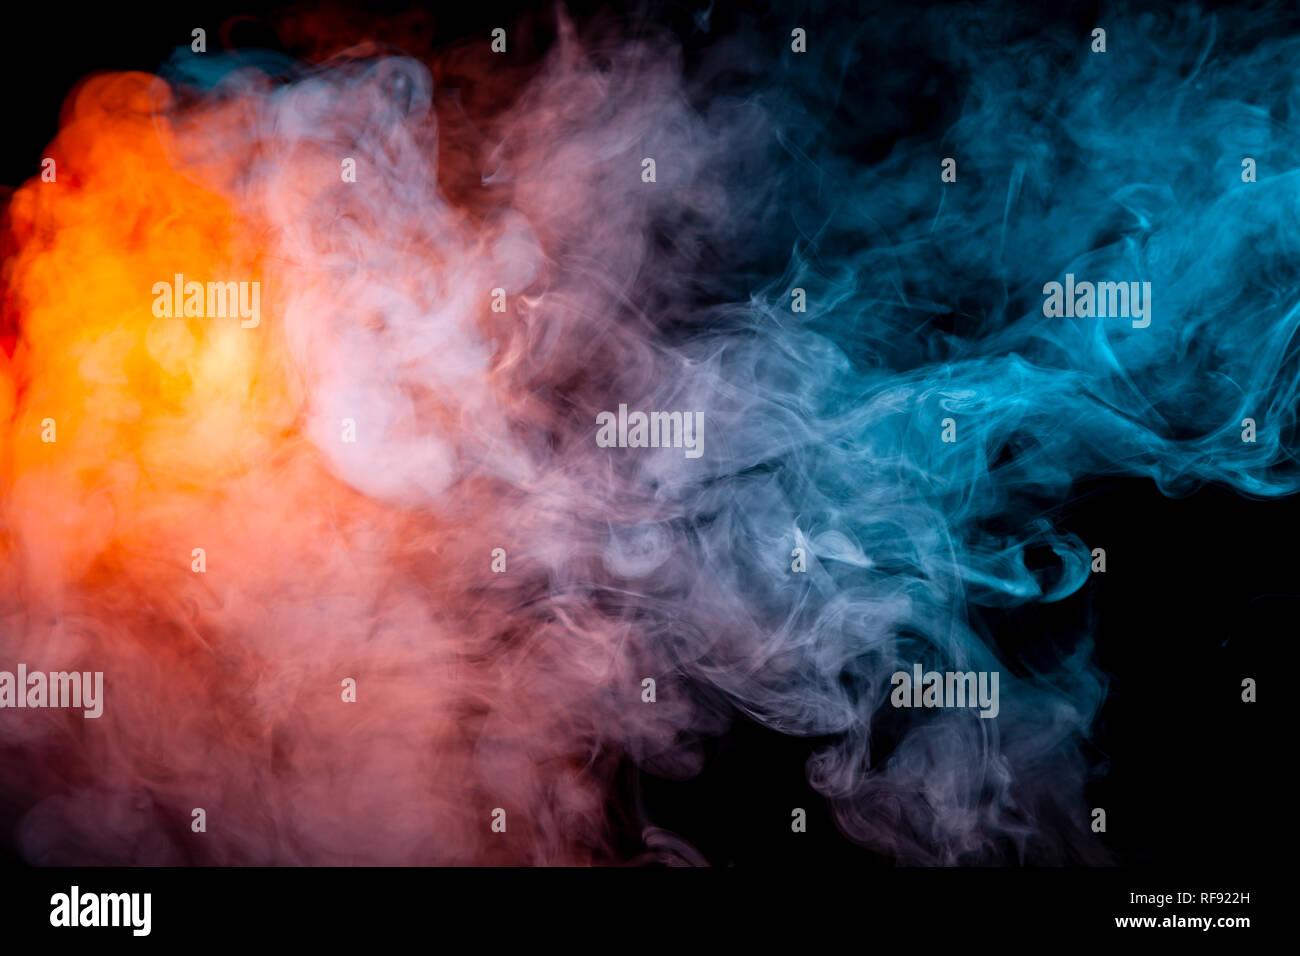 Abstract Blue Smoke Wallpaper Design Stock Photos